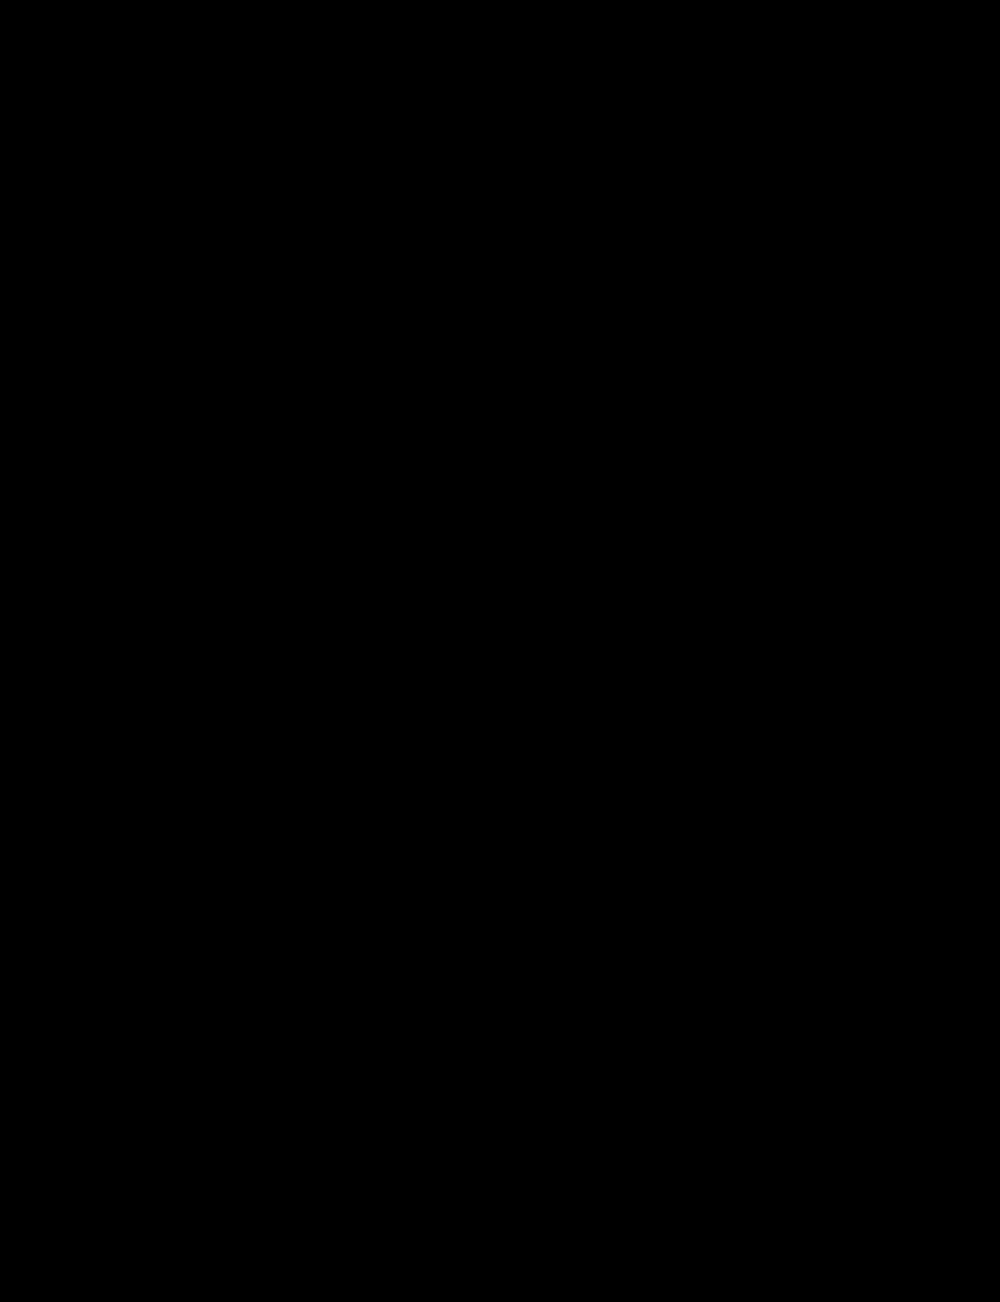 Carreaux